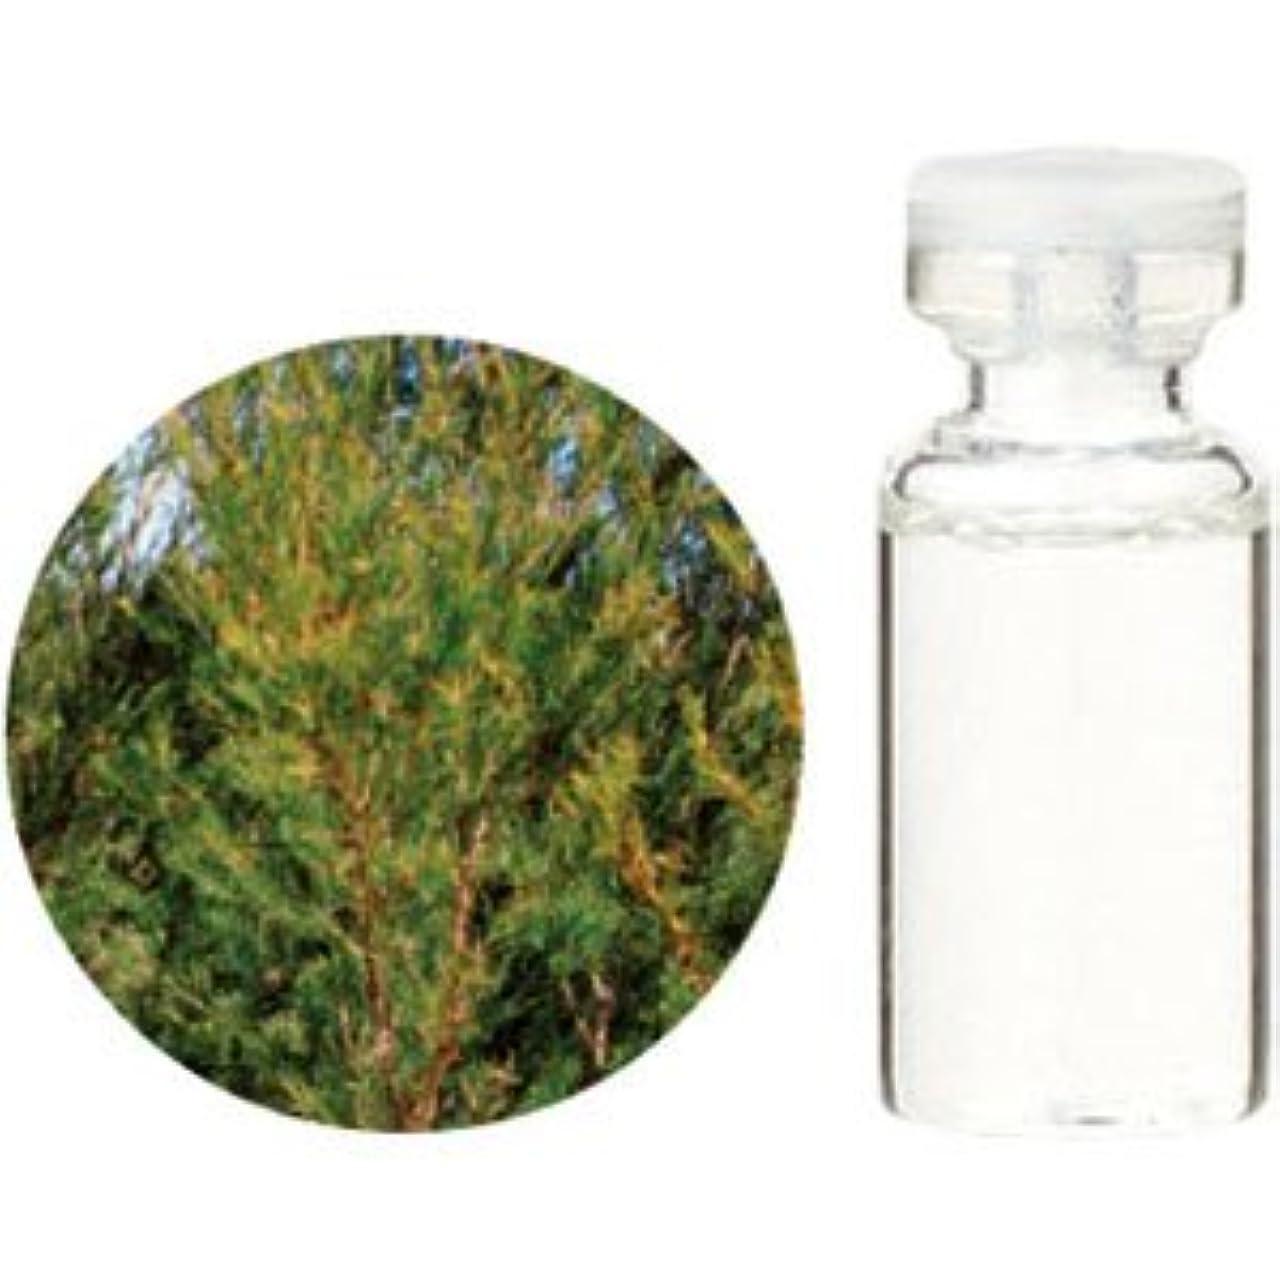 実質的揮発性に頼る生活の木 エッセンシャルオイル ティートゥリー 50ml(業務用サイズ) 08-434-3690